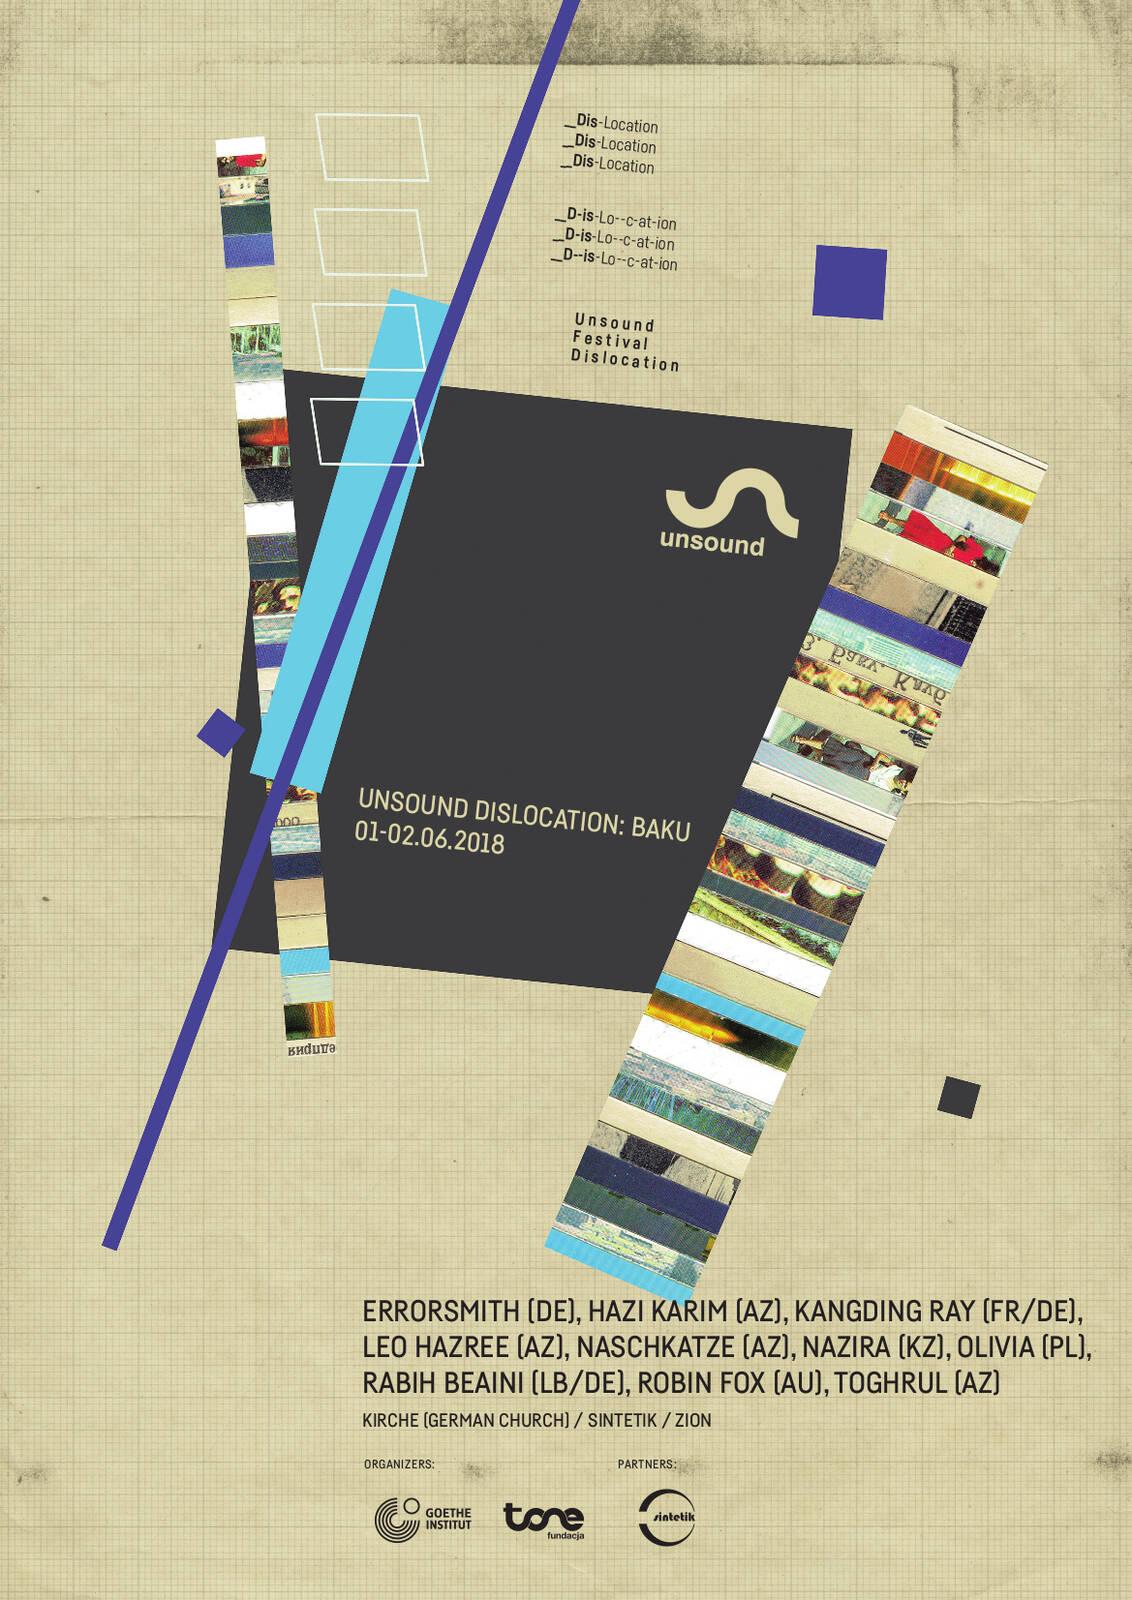 Unsound Dislocation: Baku poster